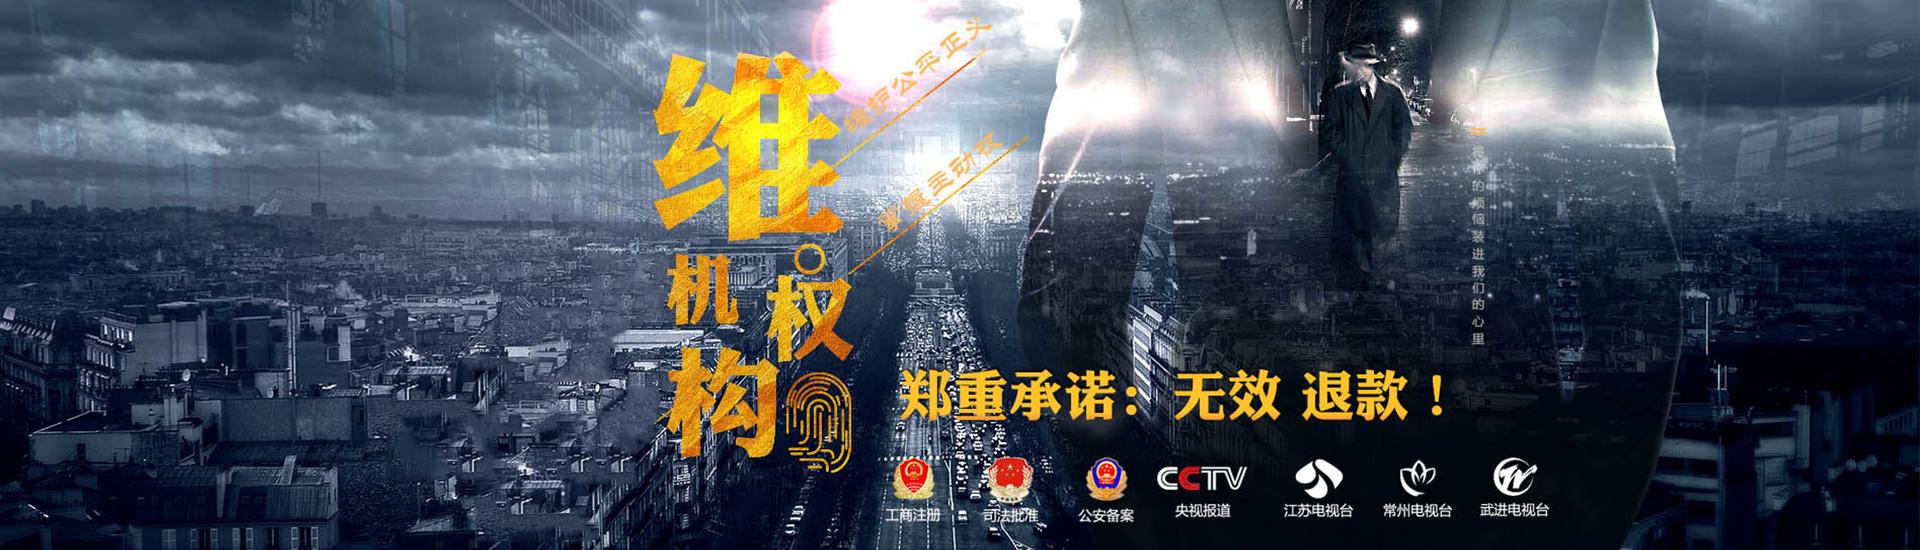 杭州市侦探